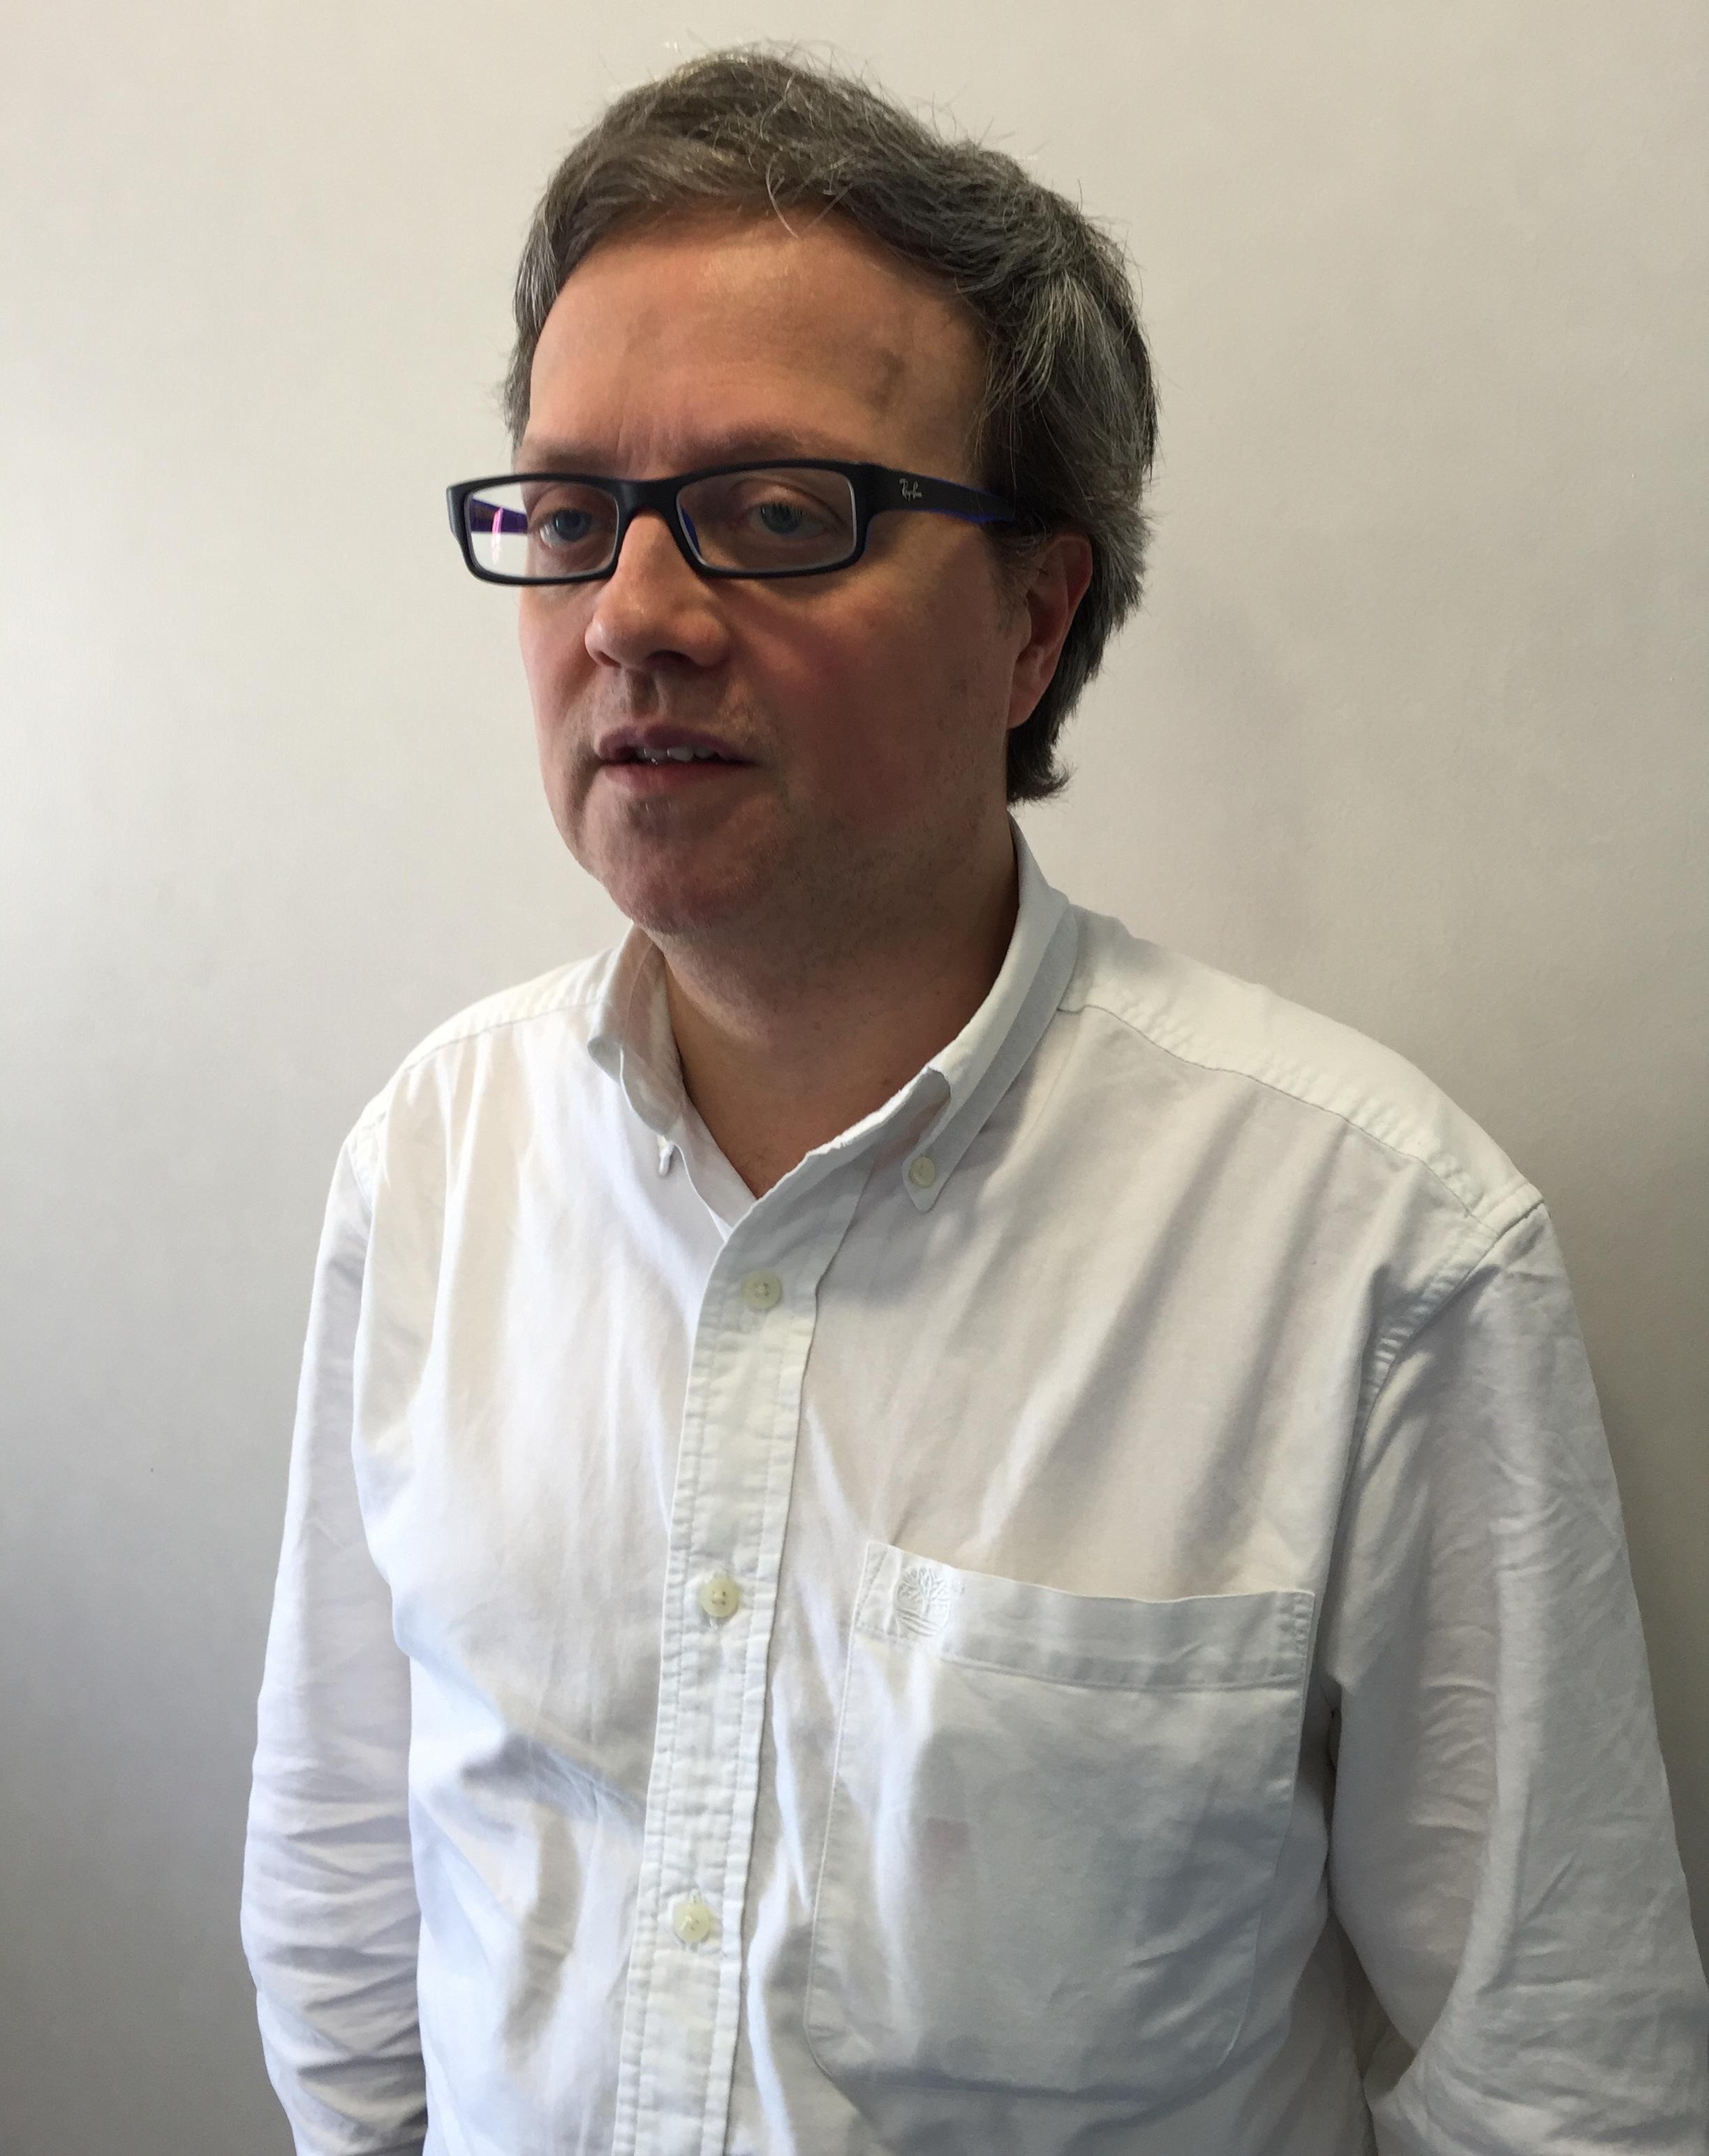 José M. González Clemente, MD, PhD